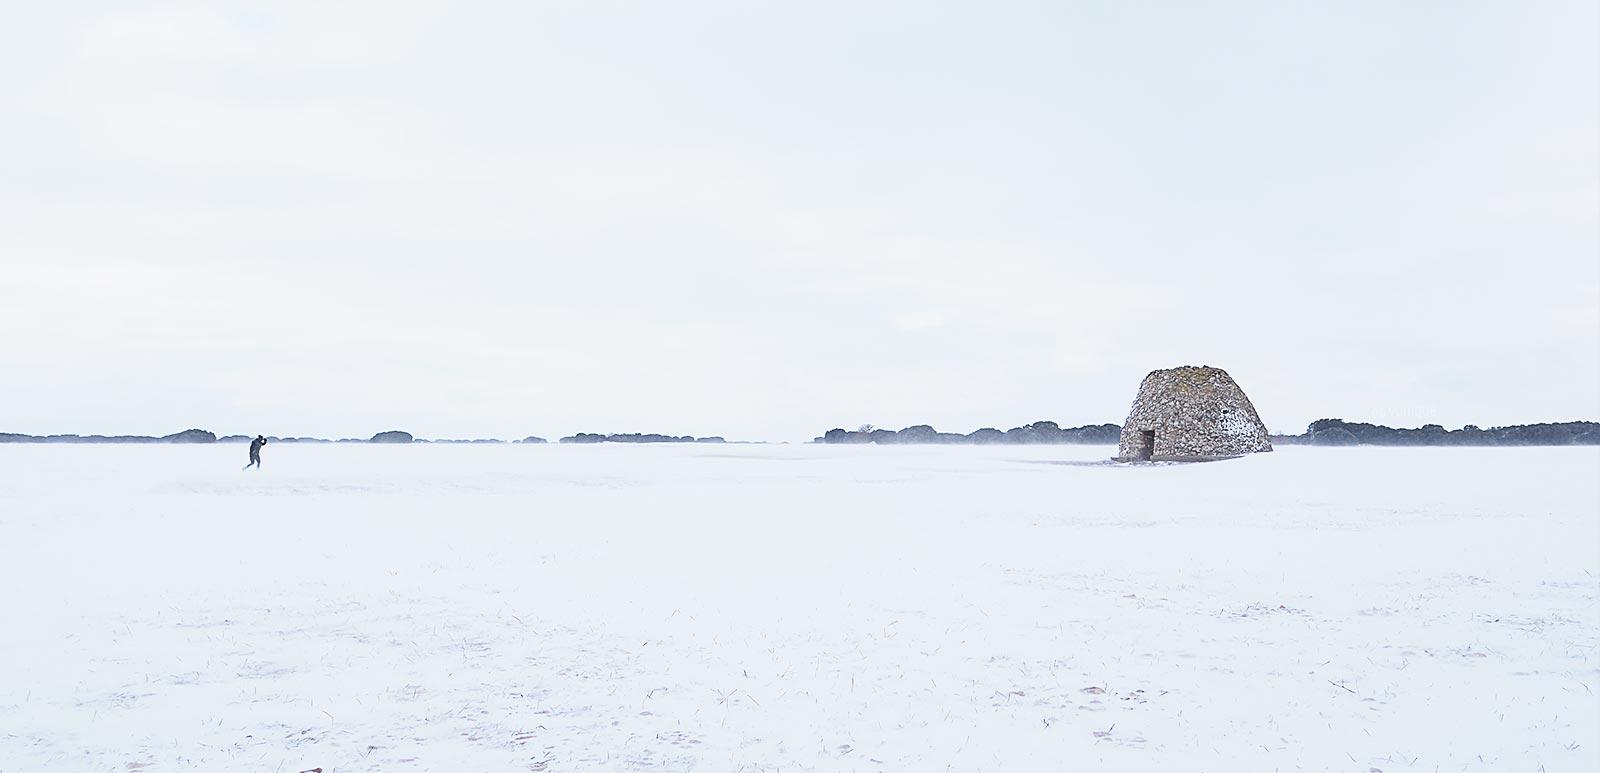 chozo-valdemore-montes-del-cerrato-palencia-invierno-tormenta-filomena